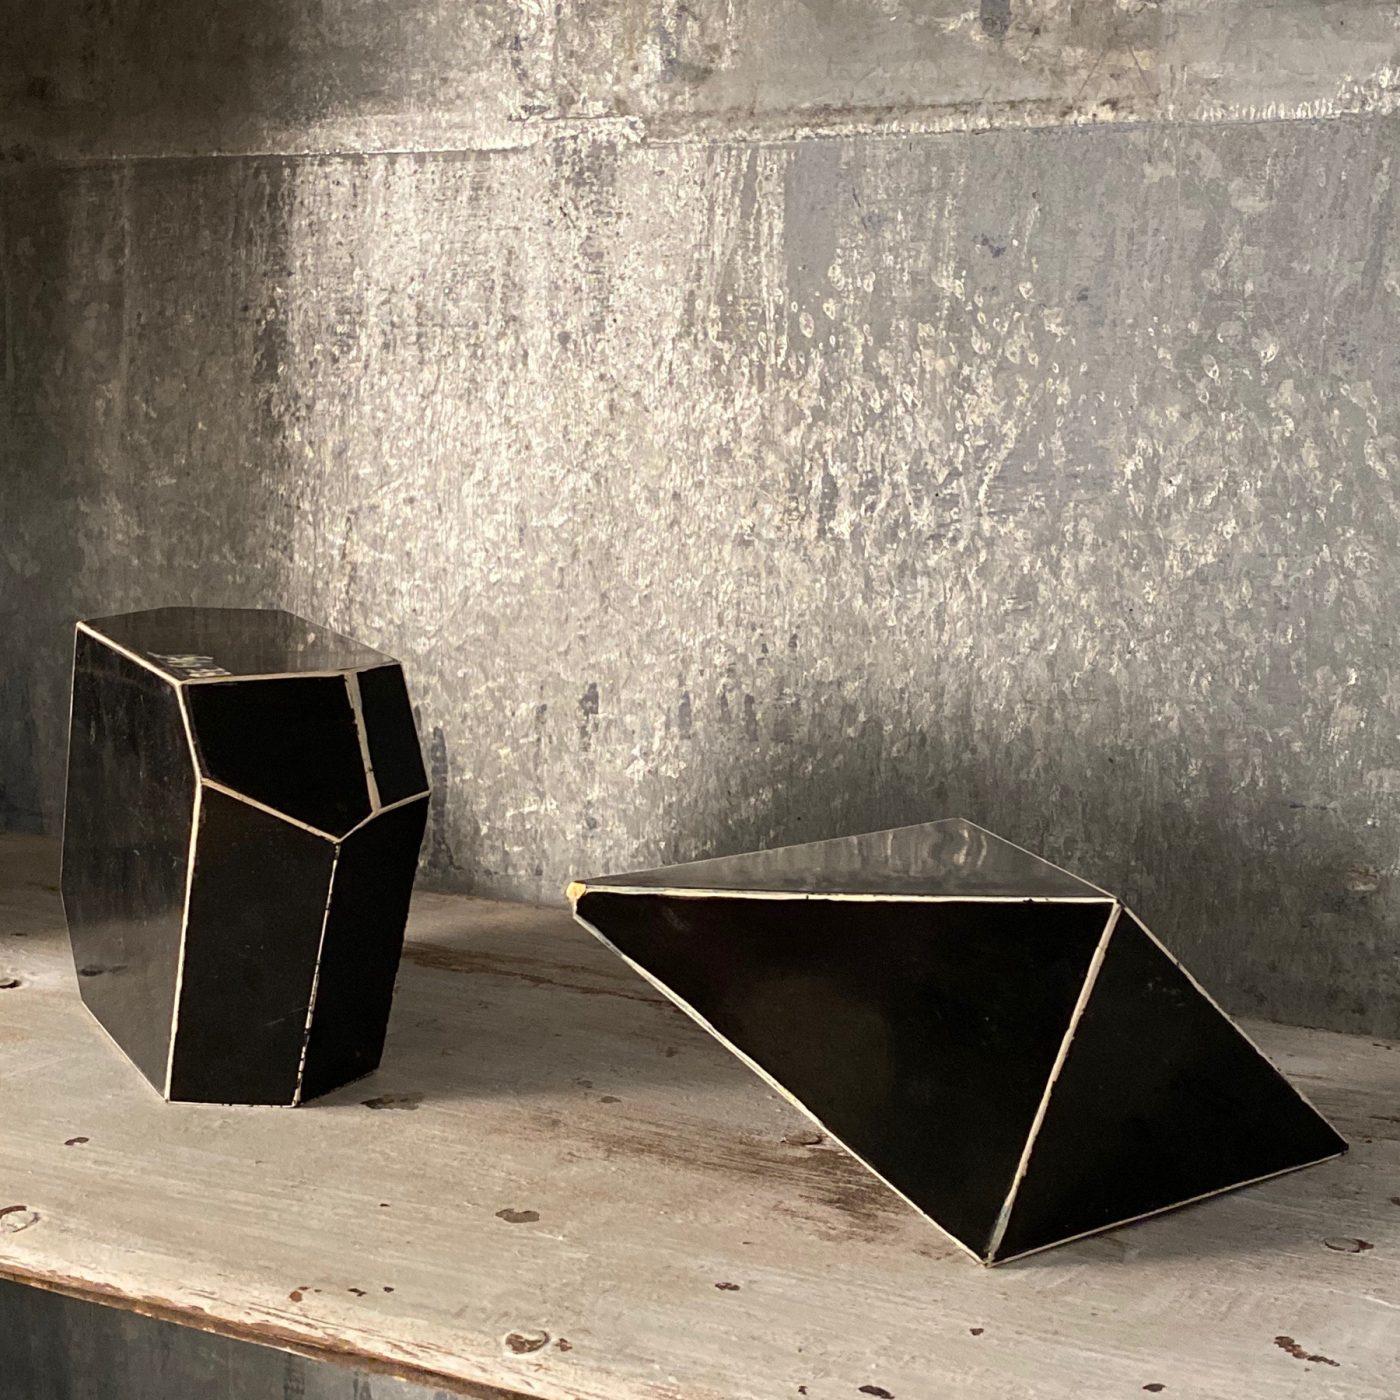 objet-vagabond-mineral-forms0005